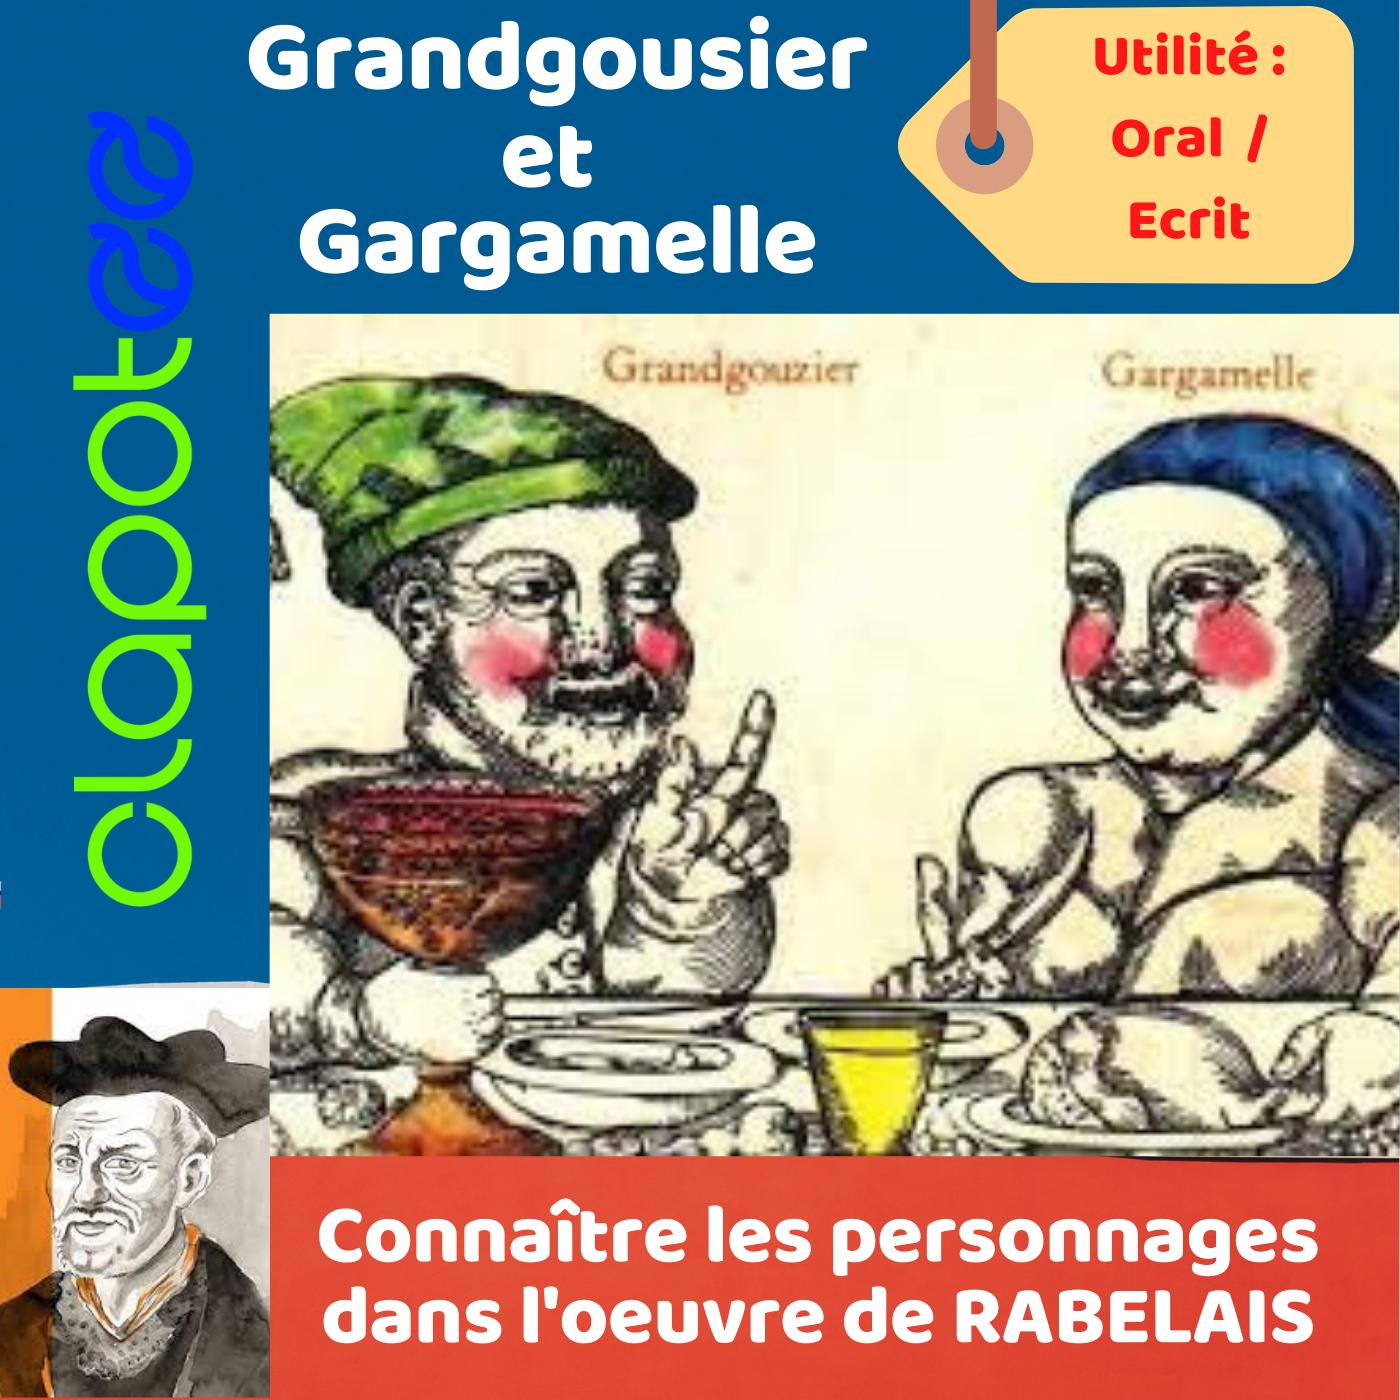 GRANDGOUSIER et GARGAMELLE, les parents géants de GARGANTUA.